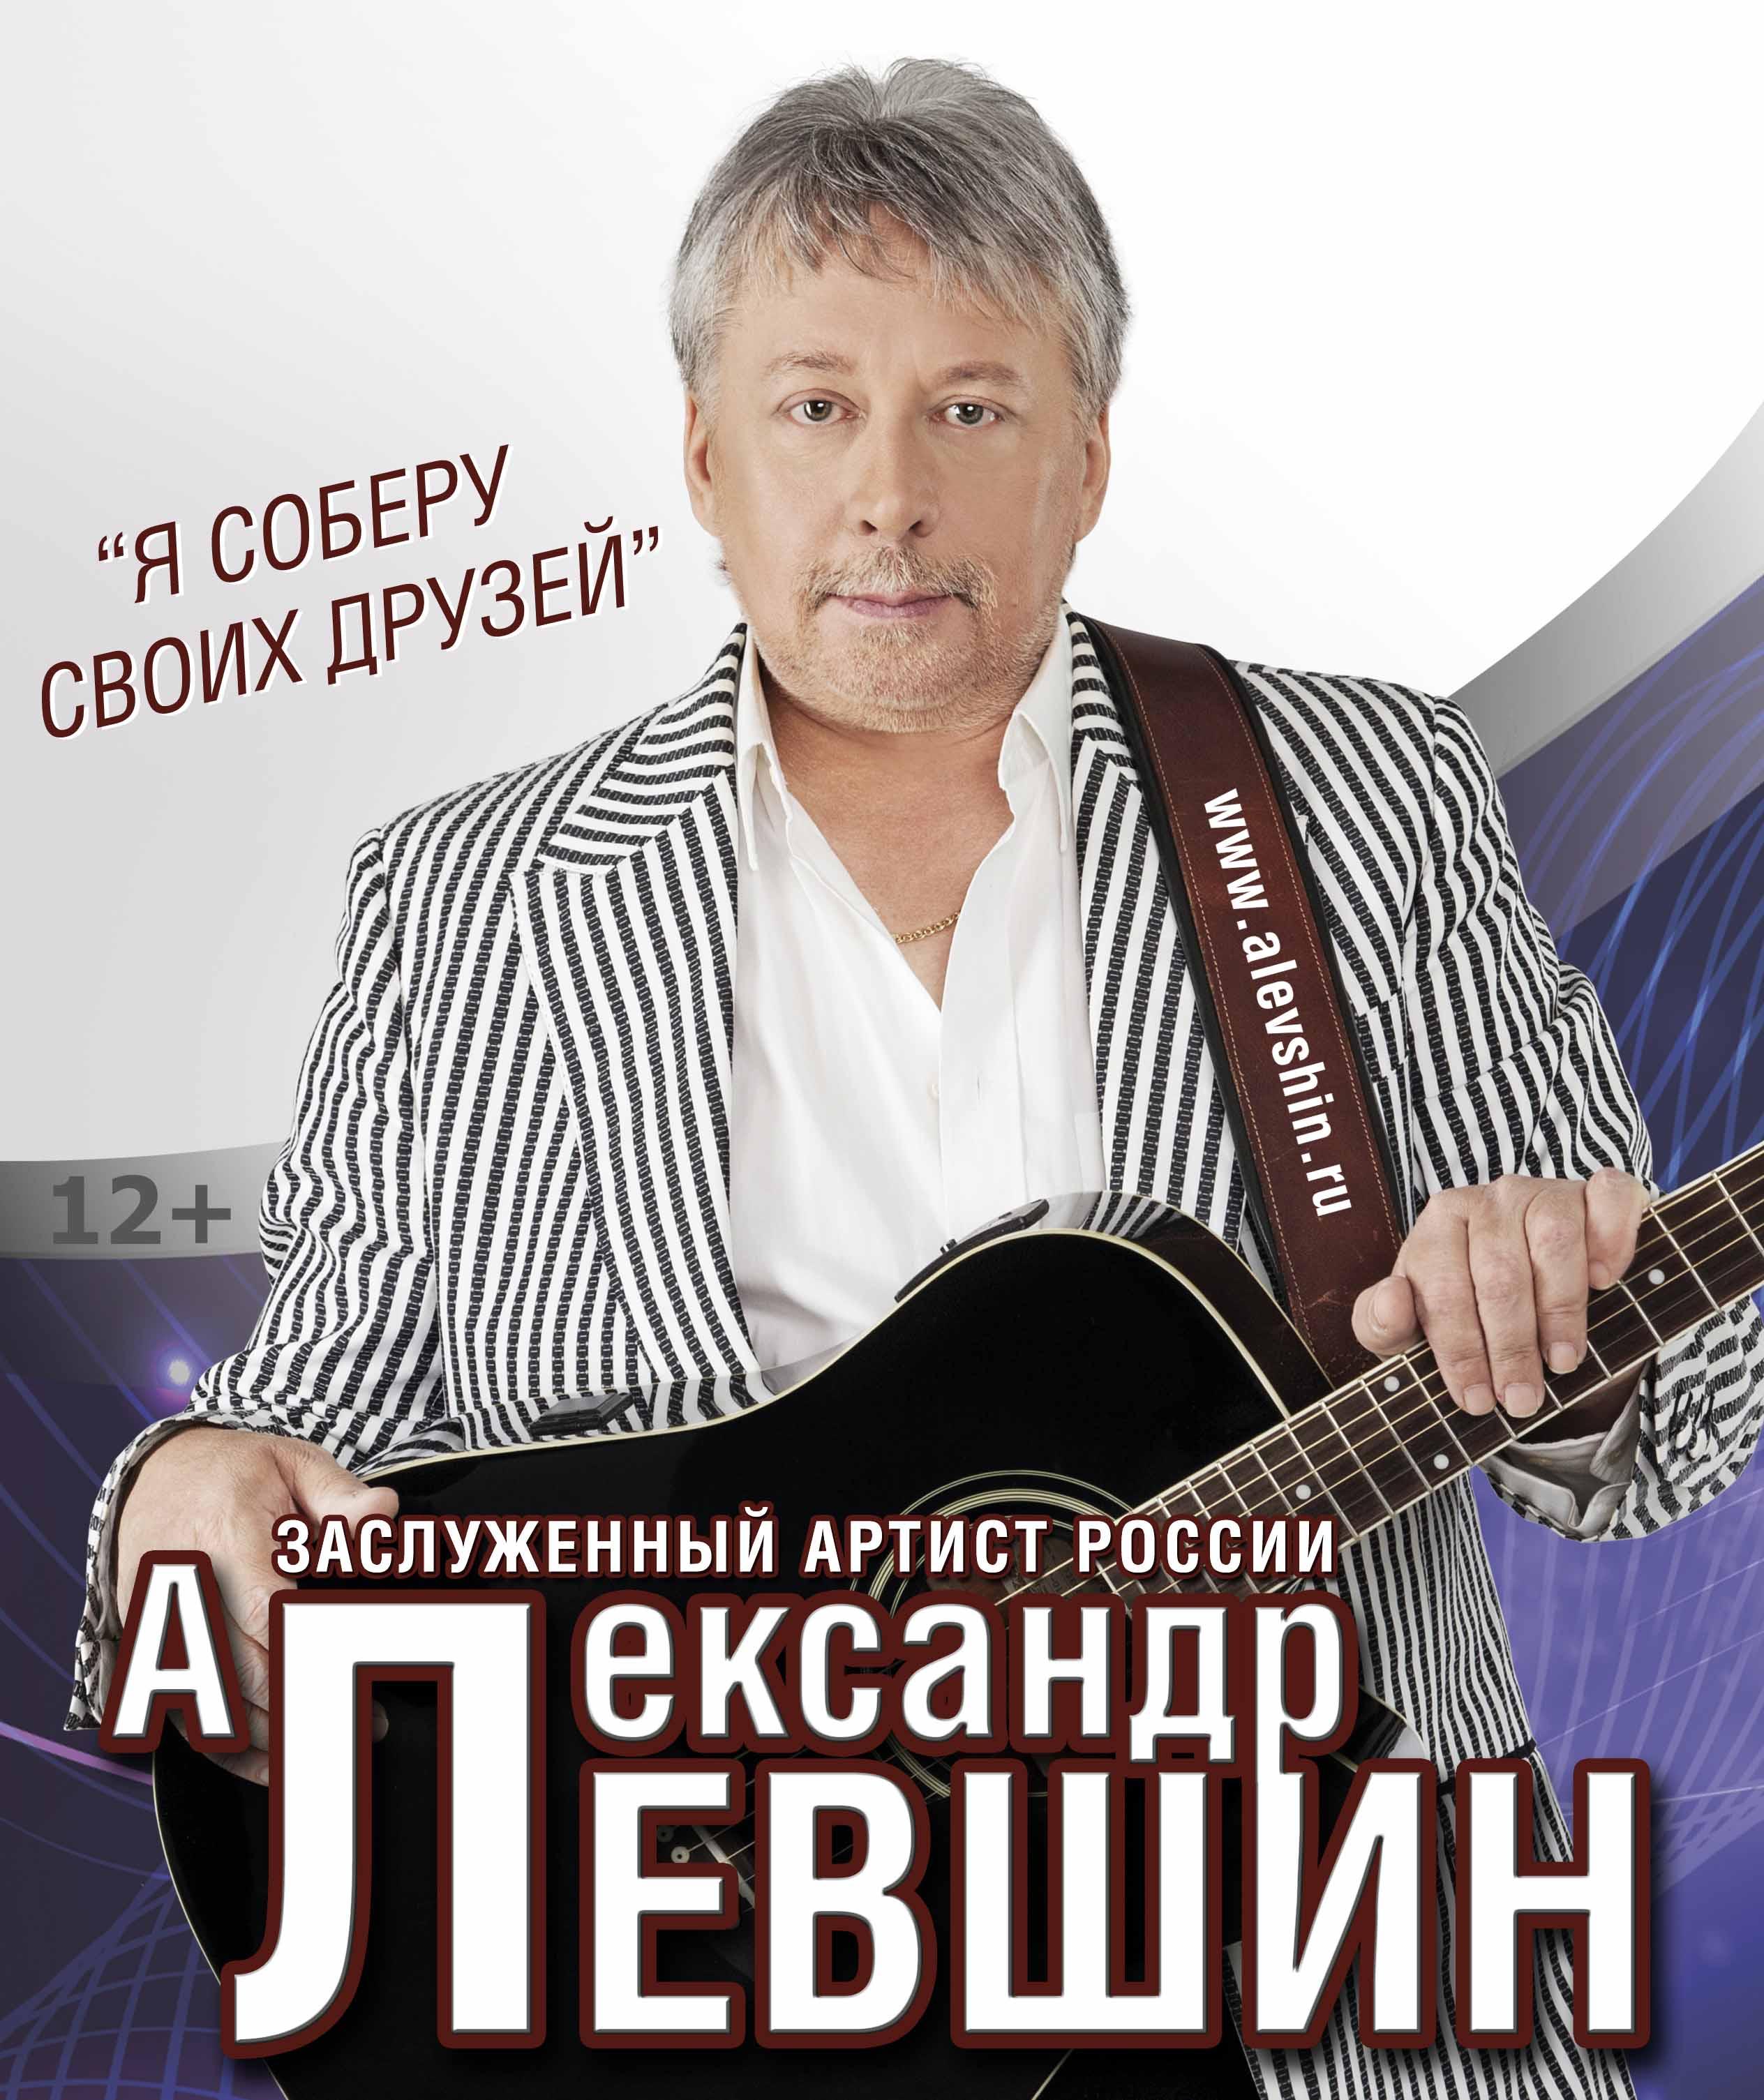 Александр Левшин - Я соберу своих друзей